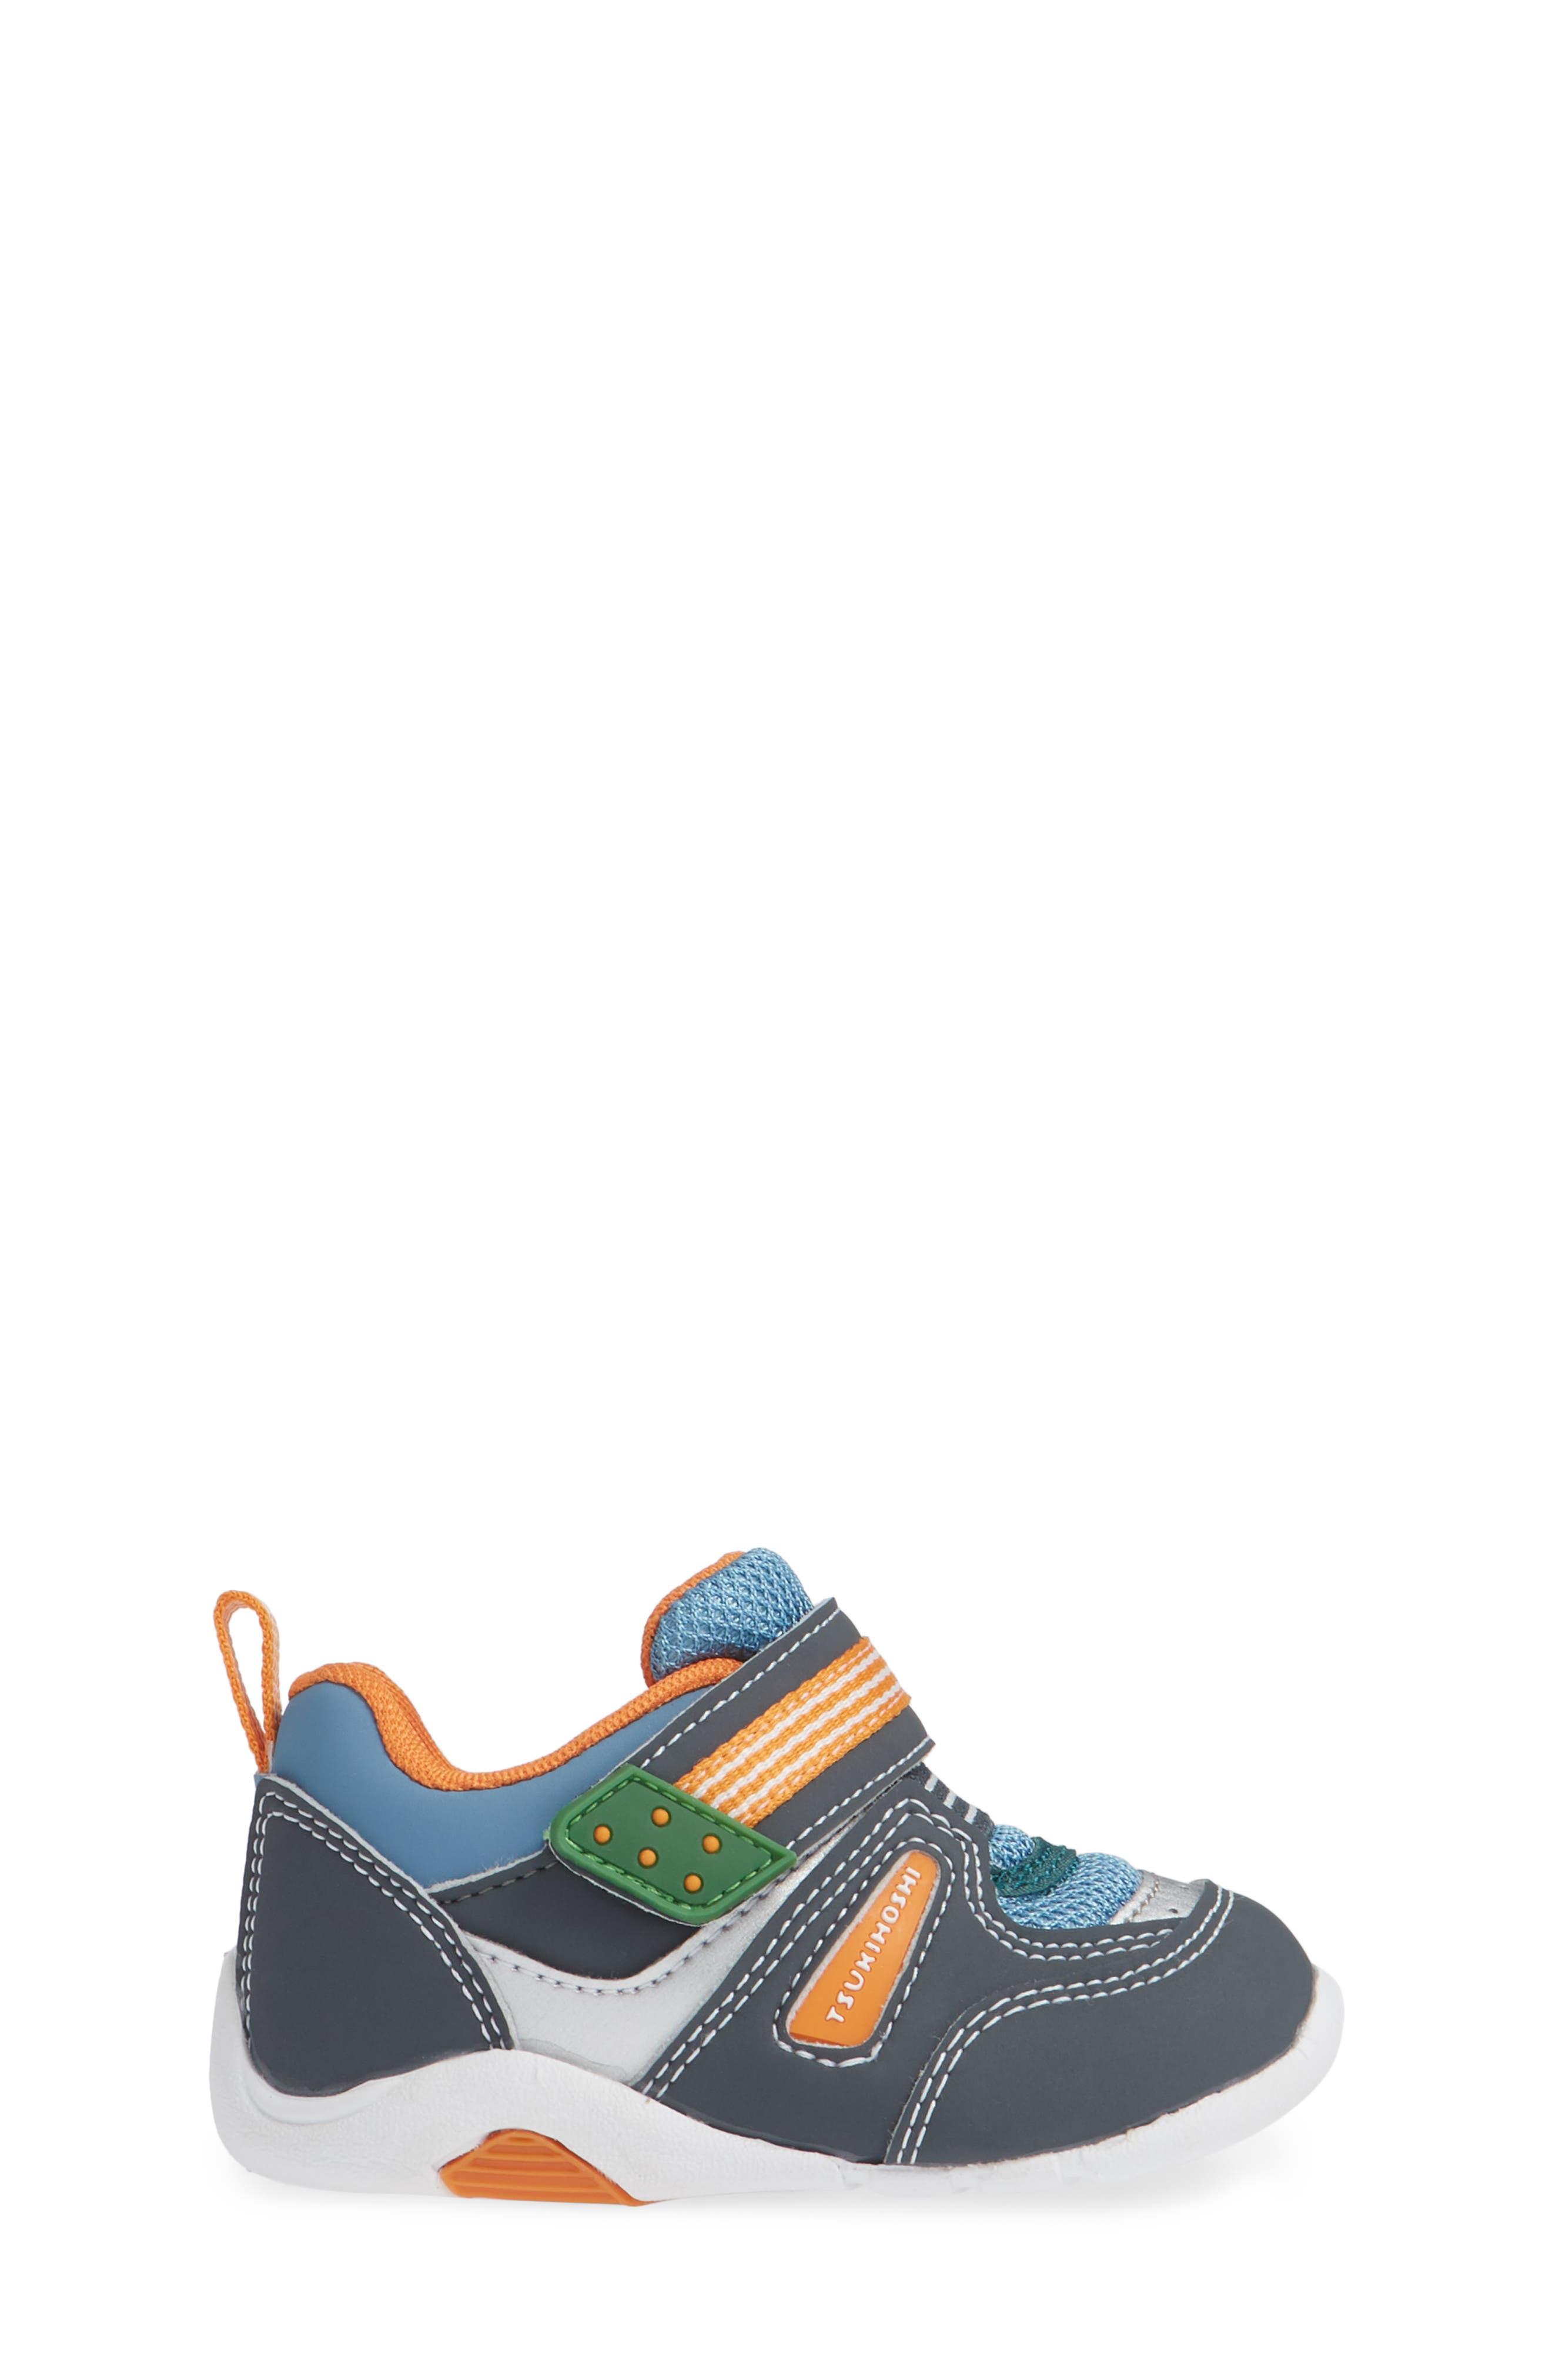 Neko Washable Sneaker,                             Alternate thumbnail 3, color,                             CHARCOAL/ SEA